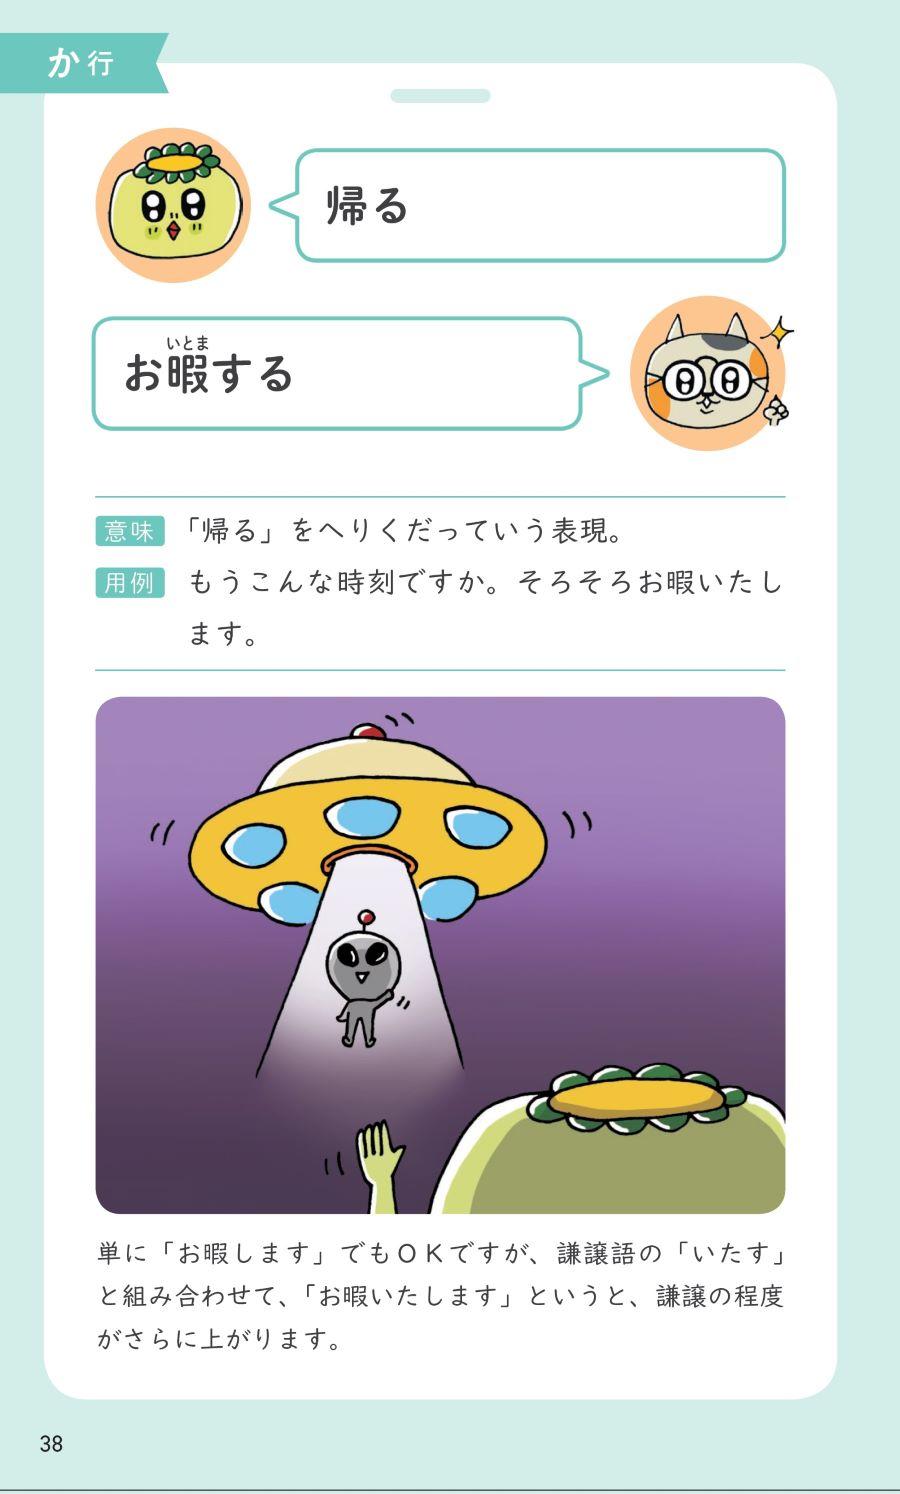 20210605_ことば選び辞典4.jpg